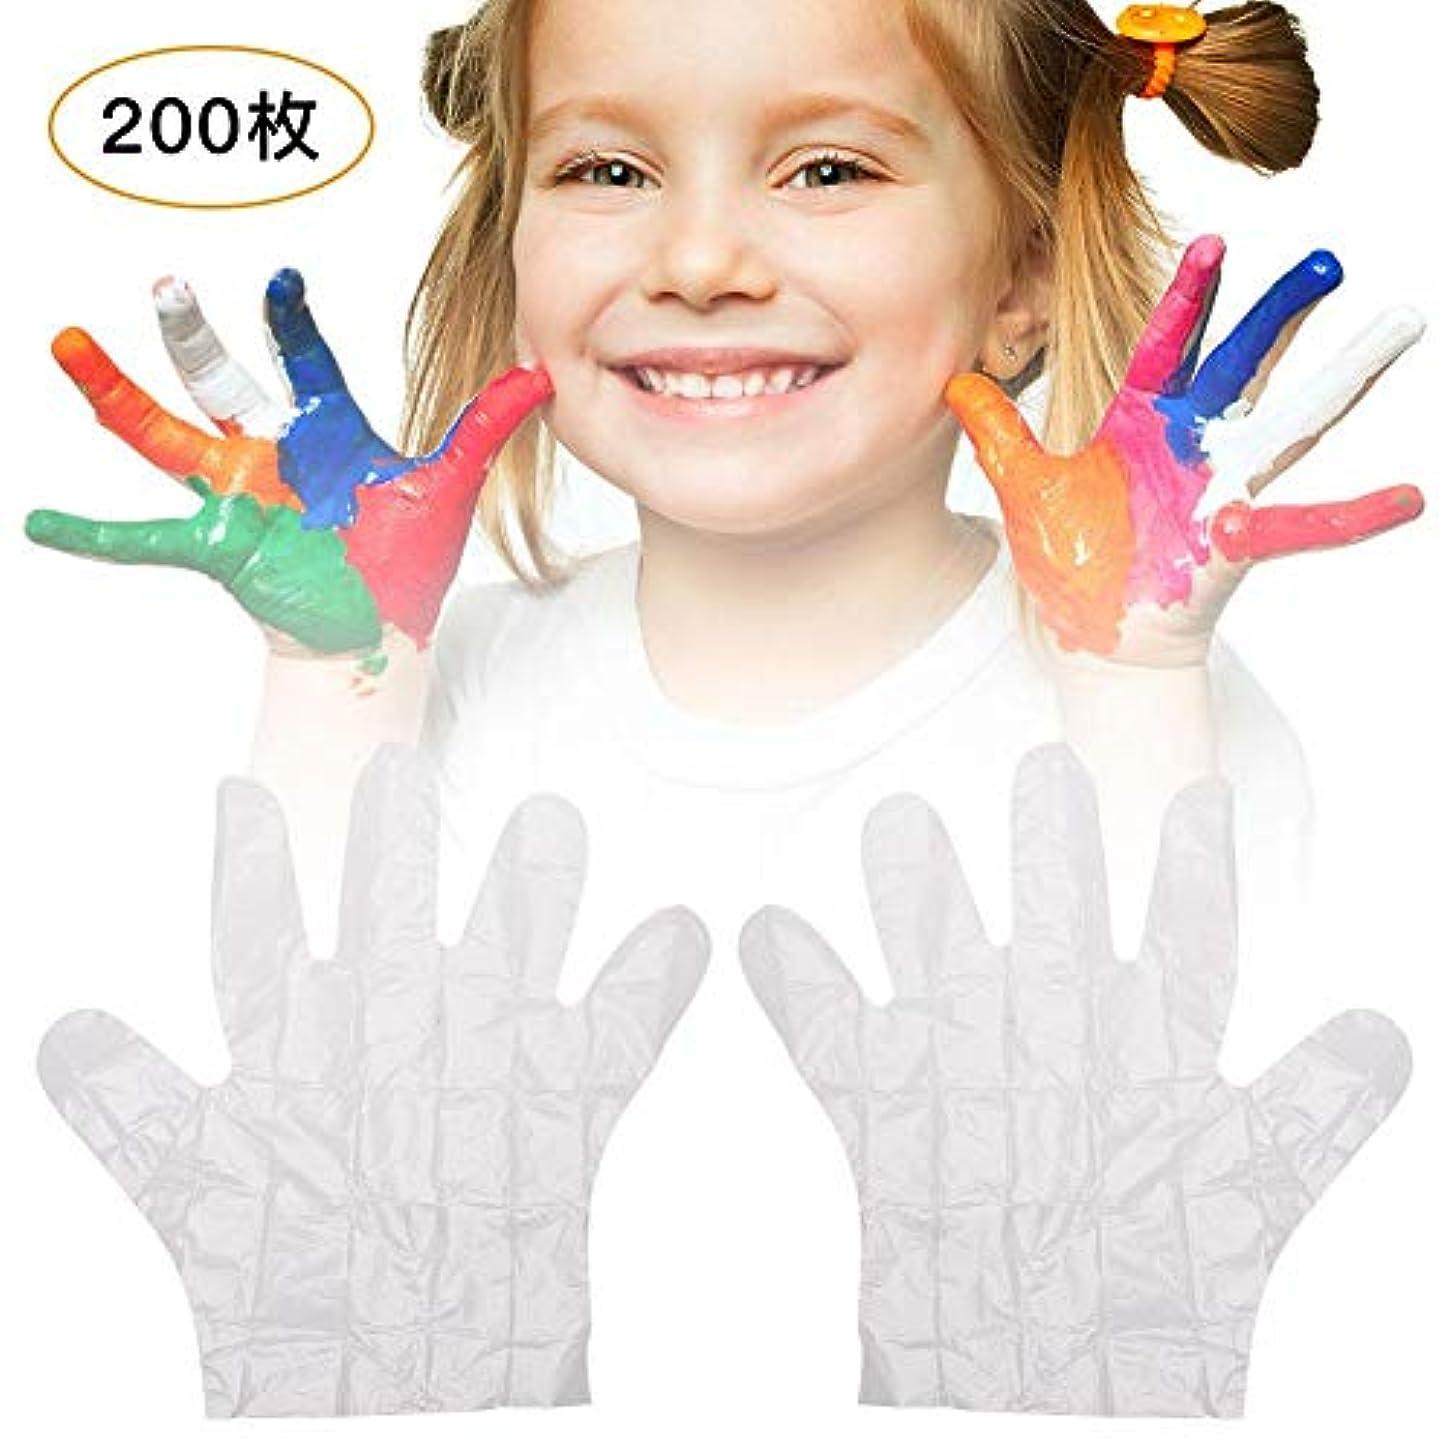 マーキング美徳年金使い捨て手袋 子供用 極薄ビニール手袋 LUERME ポリエチレン 透明 実用 衛生 100枚/200枚セット 左右兼用